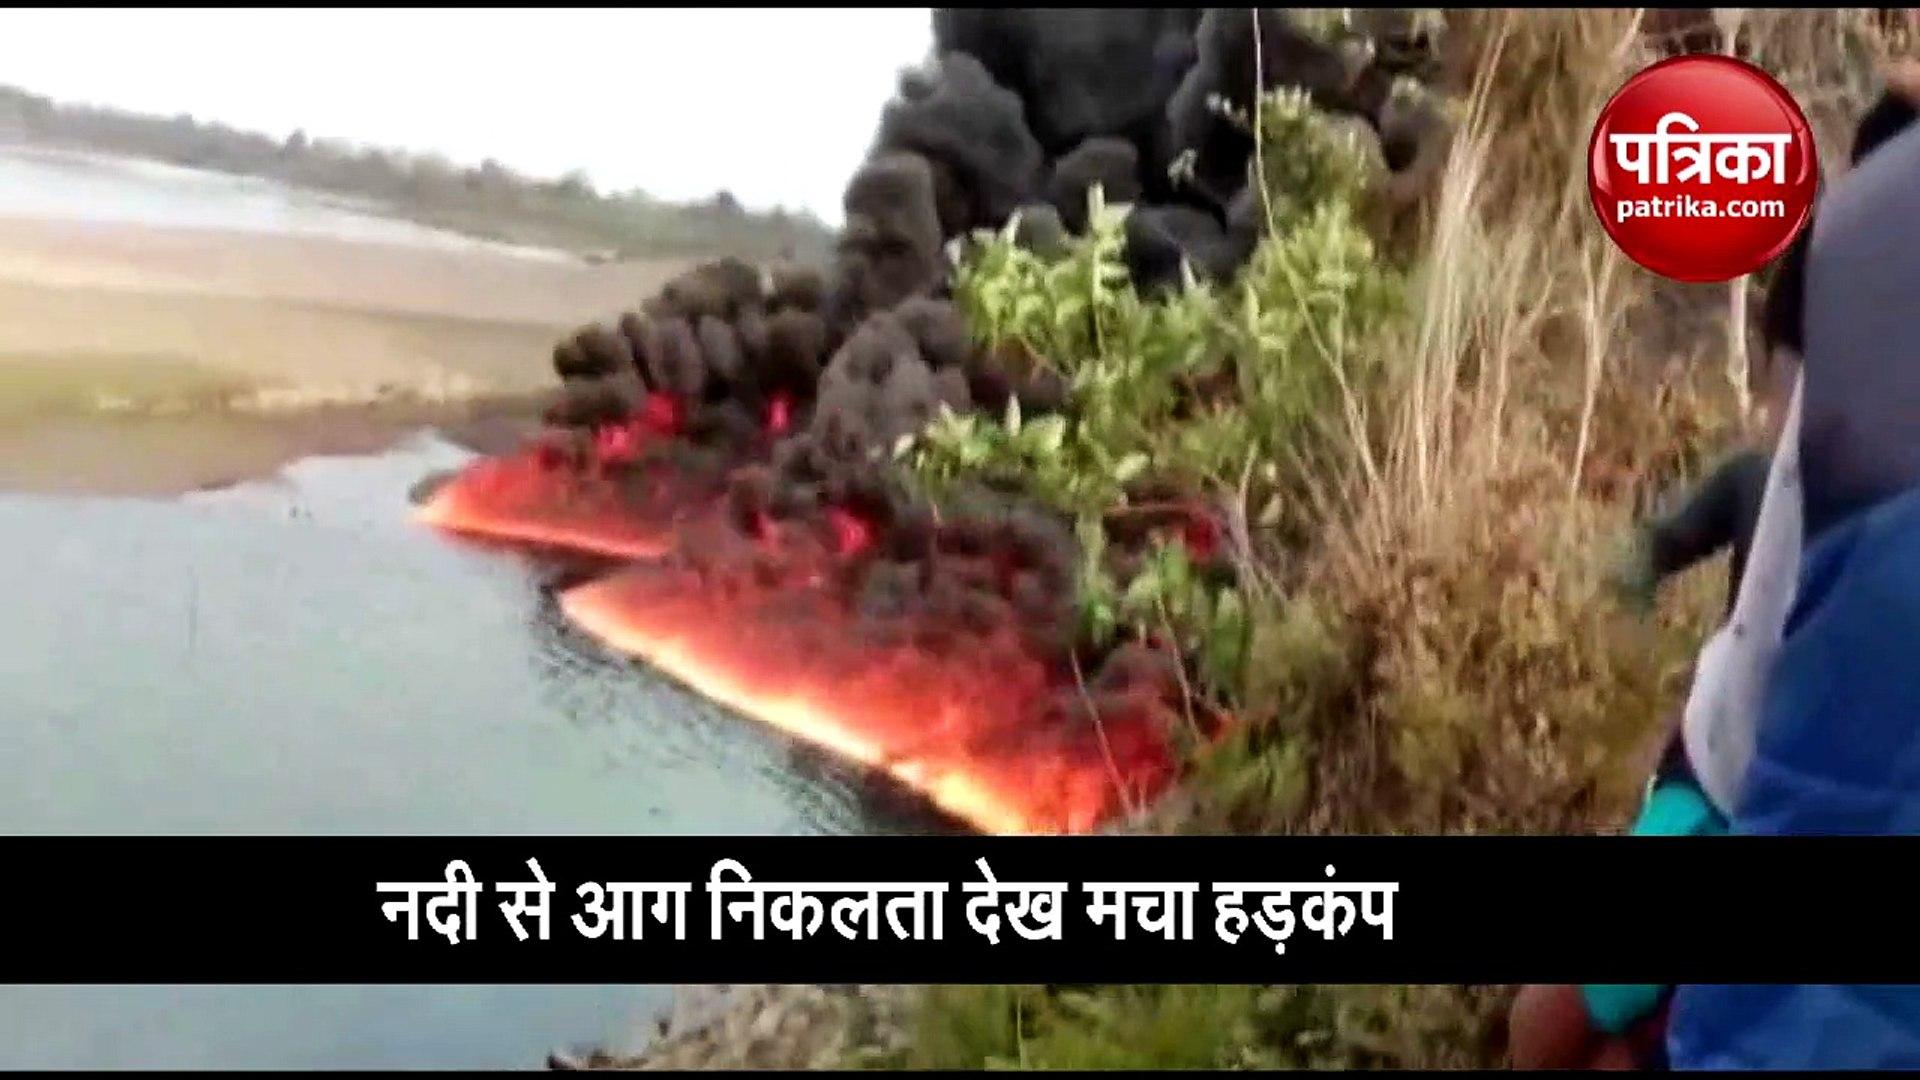 असम के डिब्रूगढ़ की नदी में लगी भीषण आग, देखें यह वीडियो